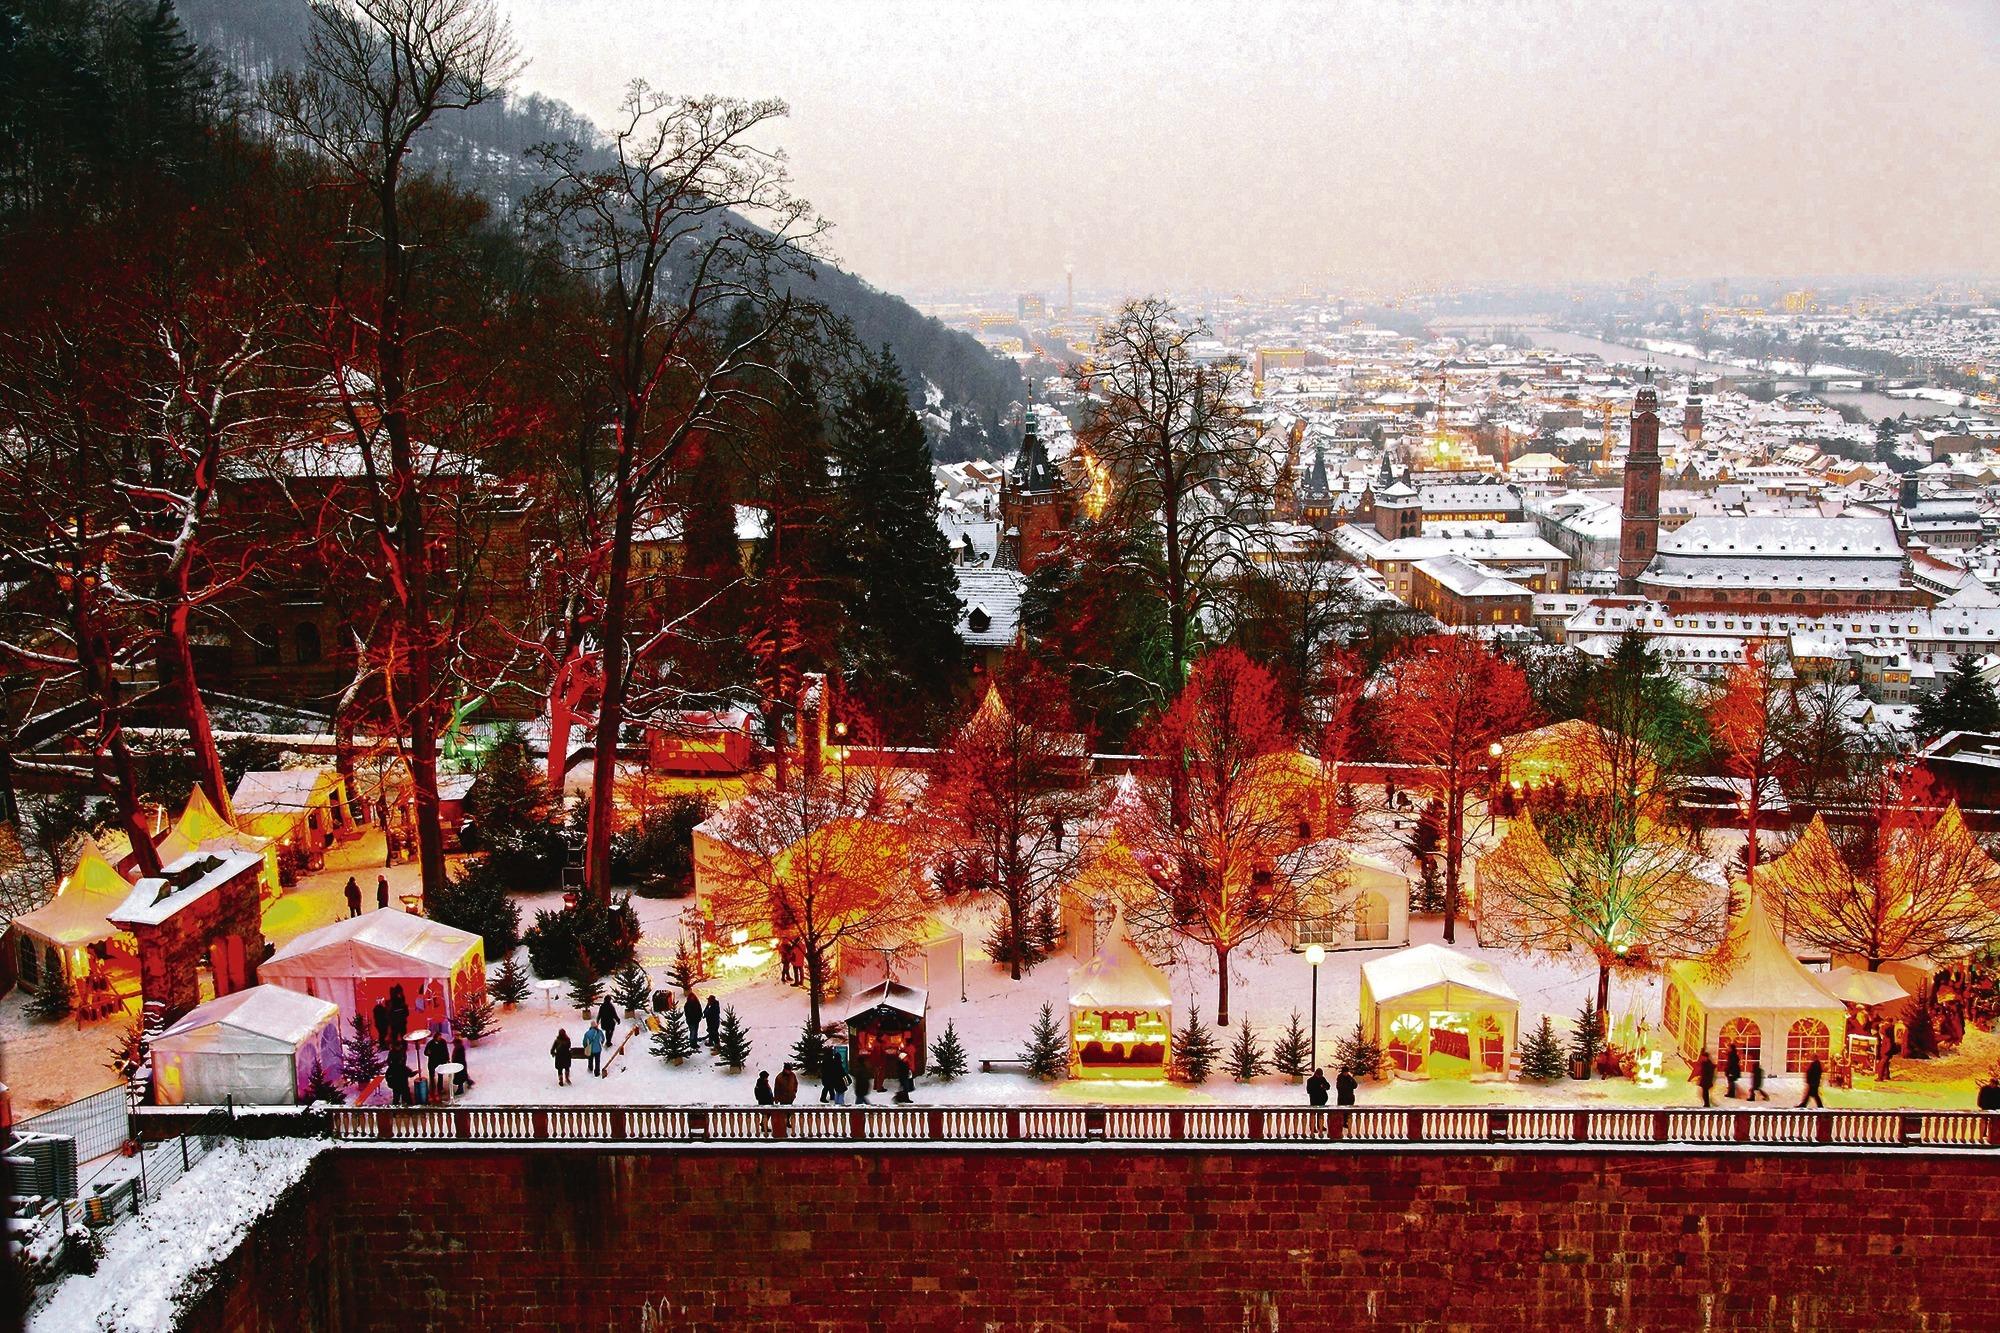 öffnungszeiten Weihnachtsmarkt Heidelberg.Heidelberg Nie Mehr Weihnachtsmarkt Am Schloss Nachrichten Aus